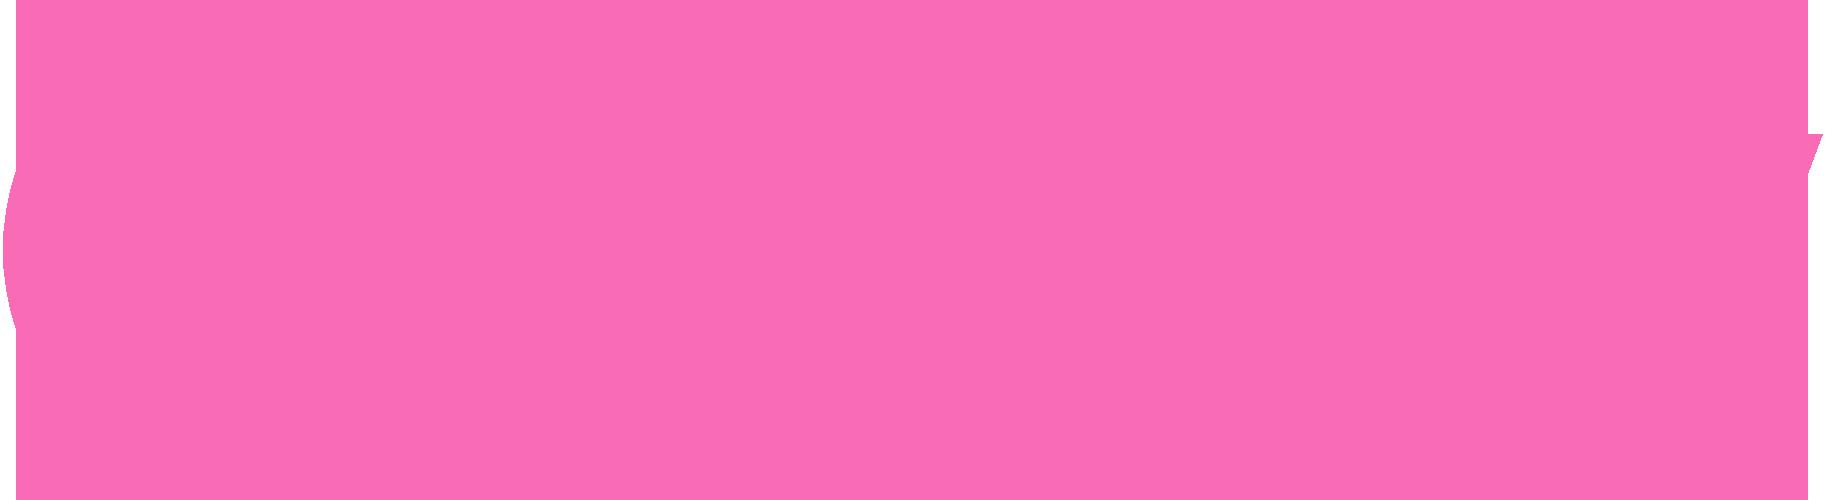 voixly logo pink